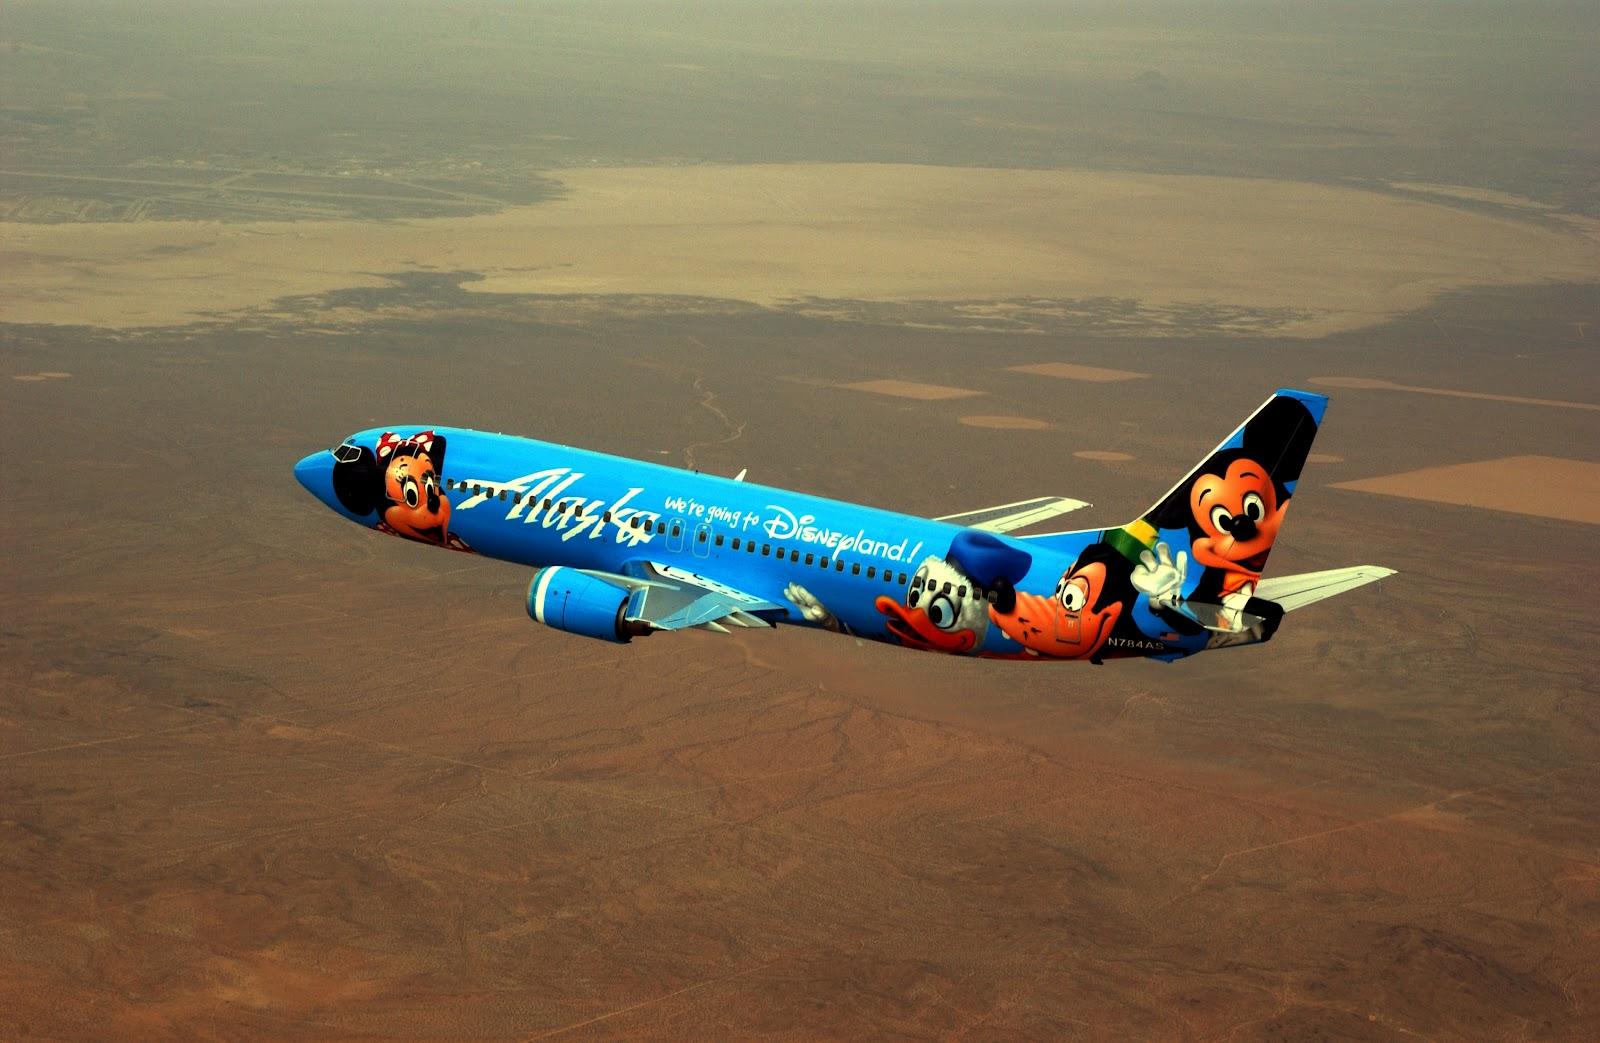 Alaska Airlines Wallpaper Wallpapersafari